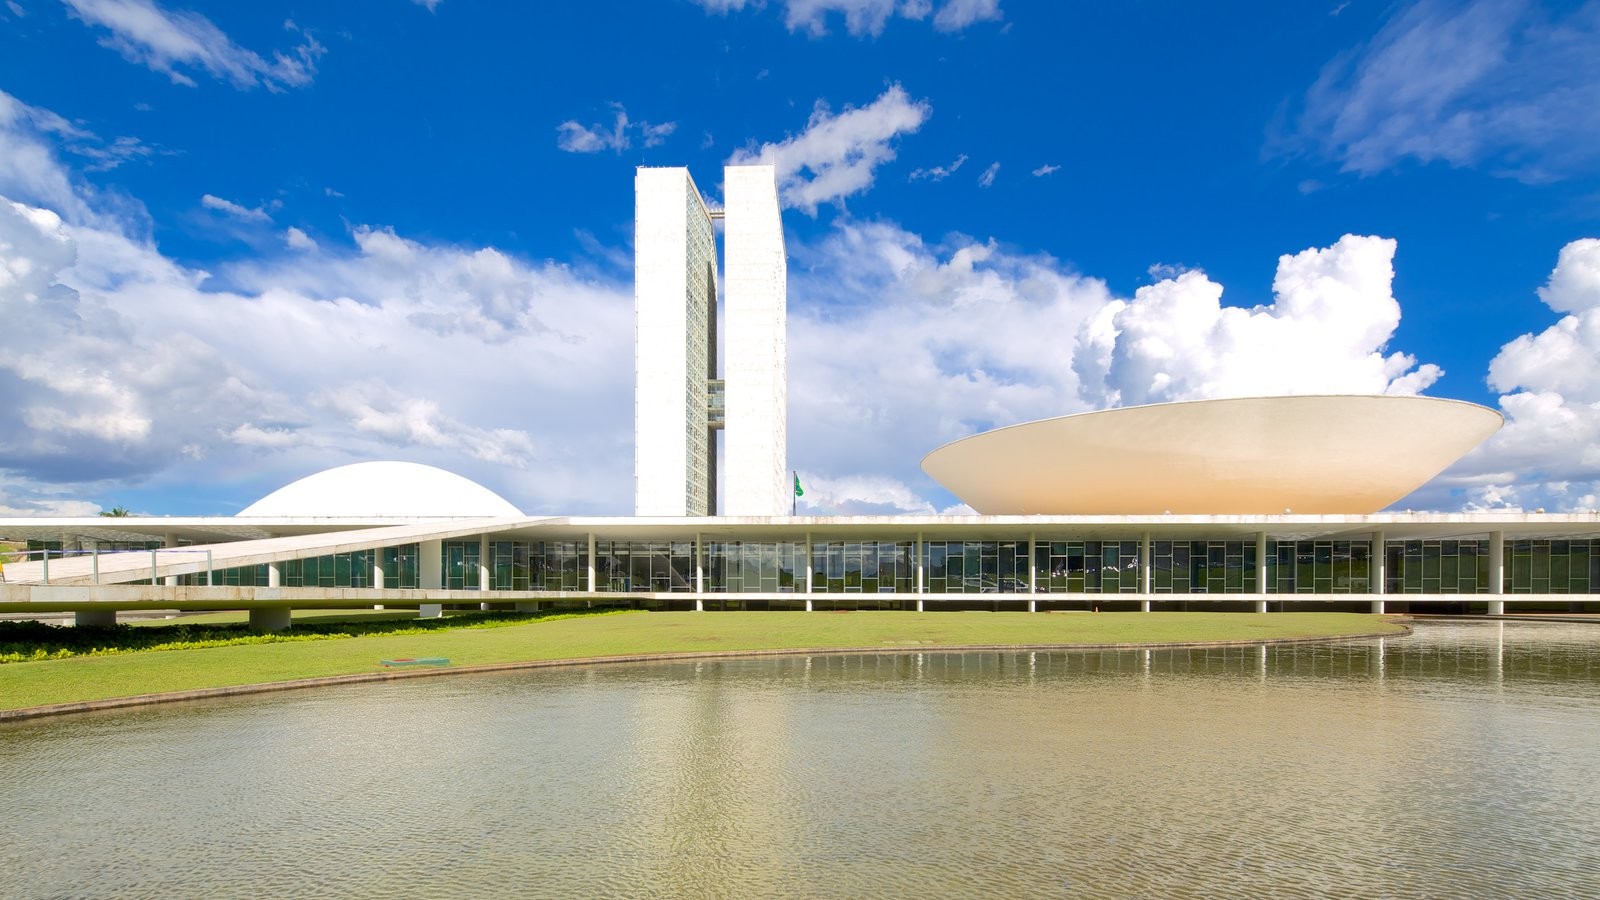 Congresso Nacional do Brasil que inclui arquitetura moderna, um lago e uma cidade